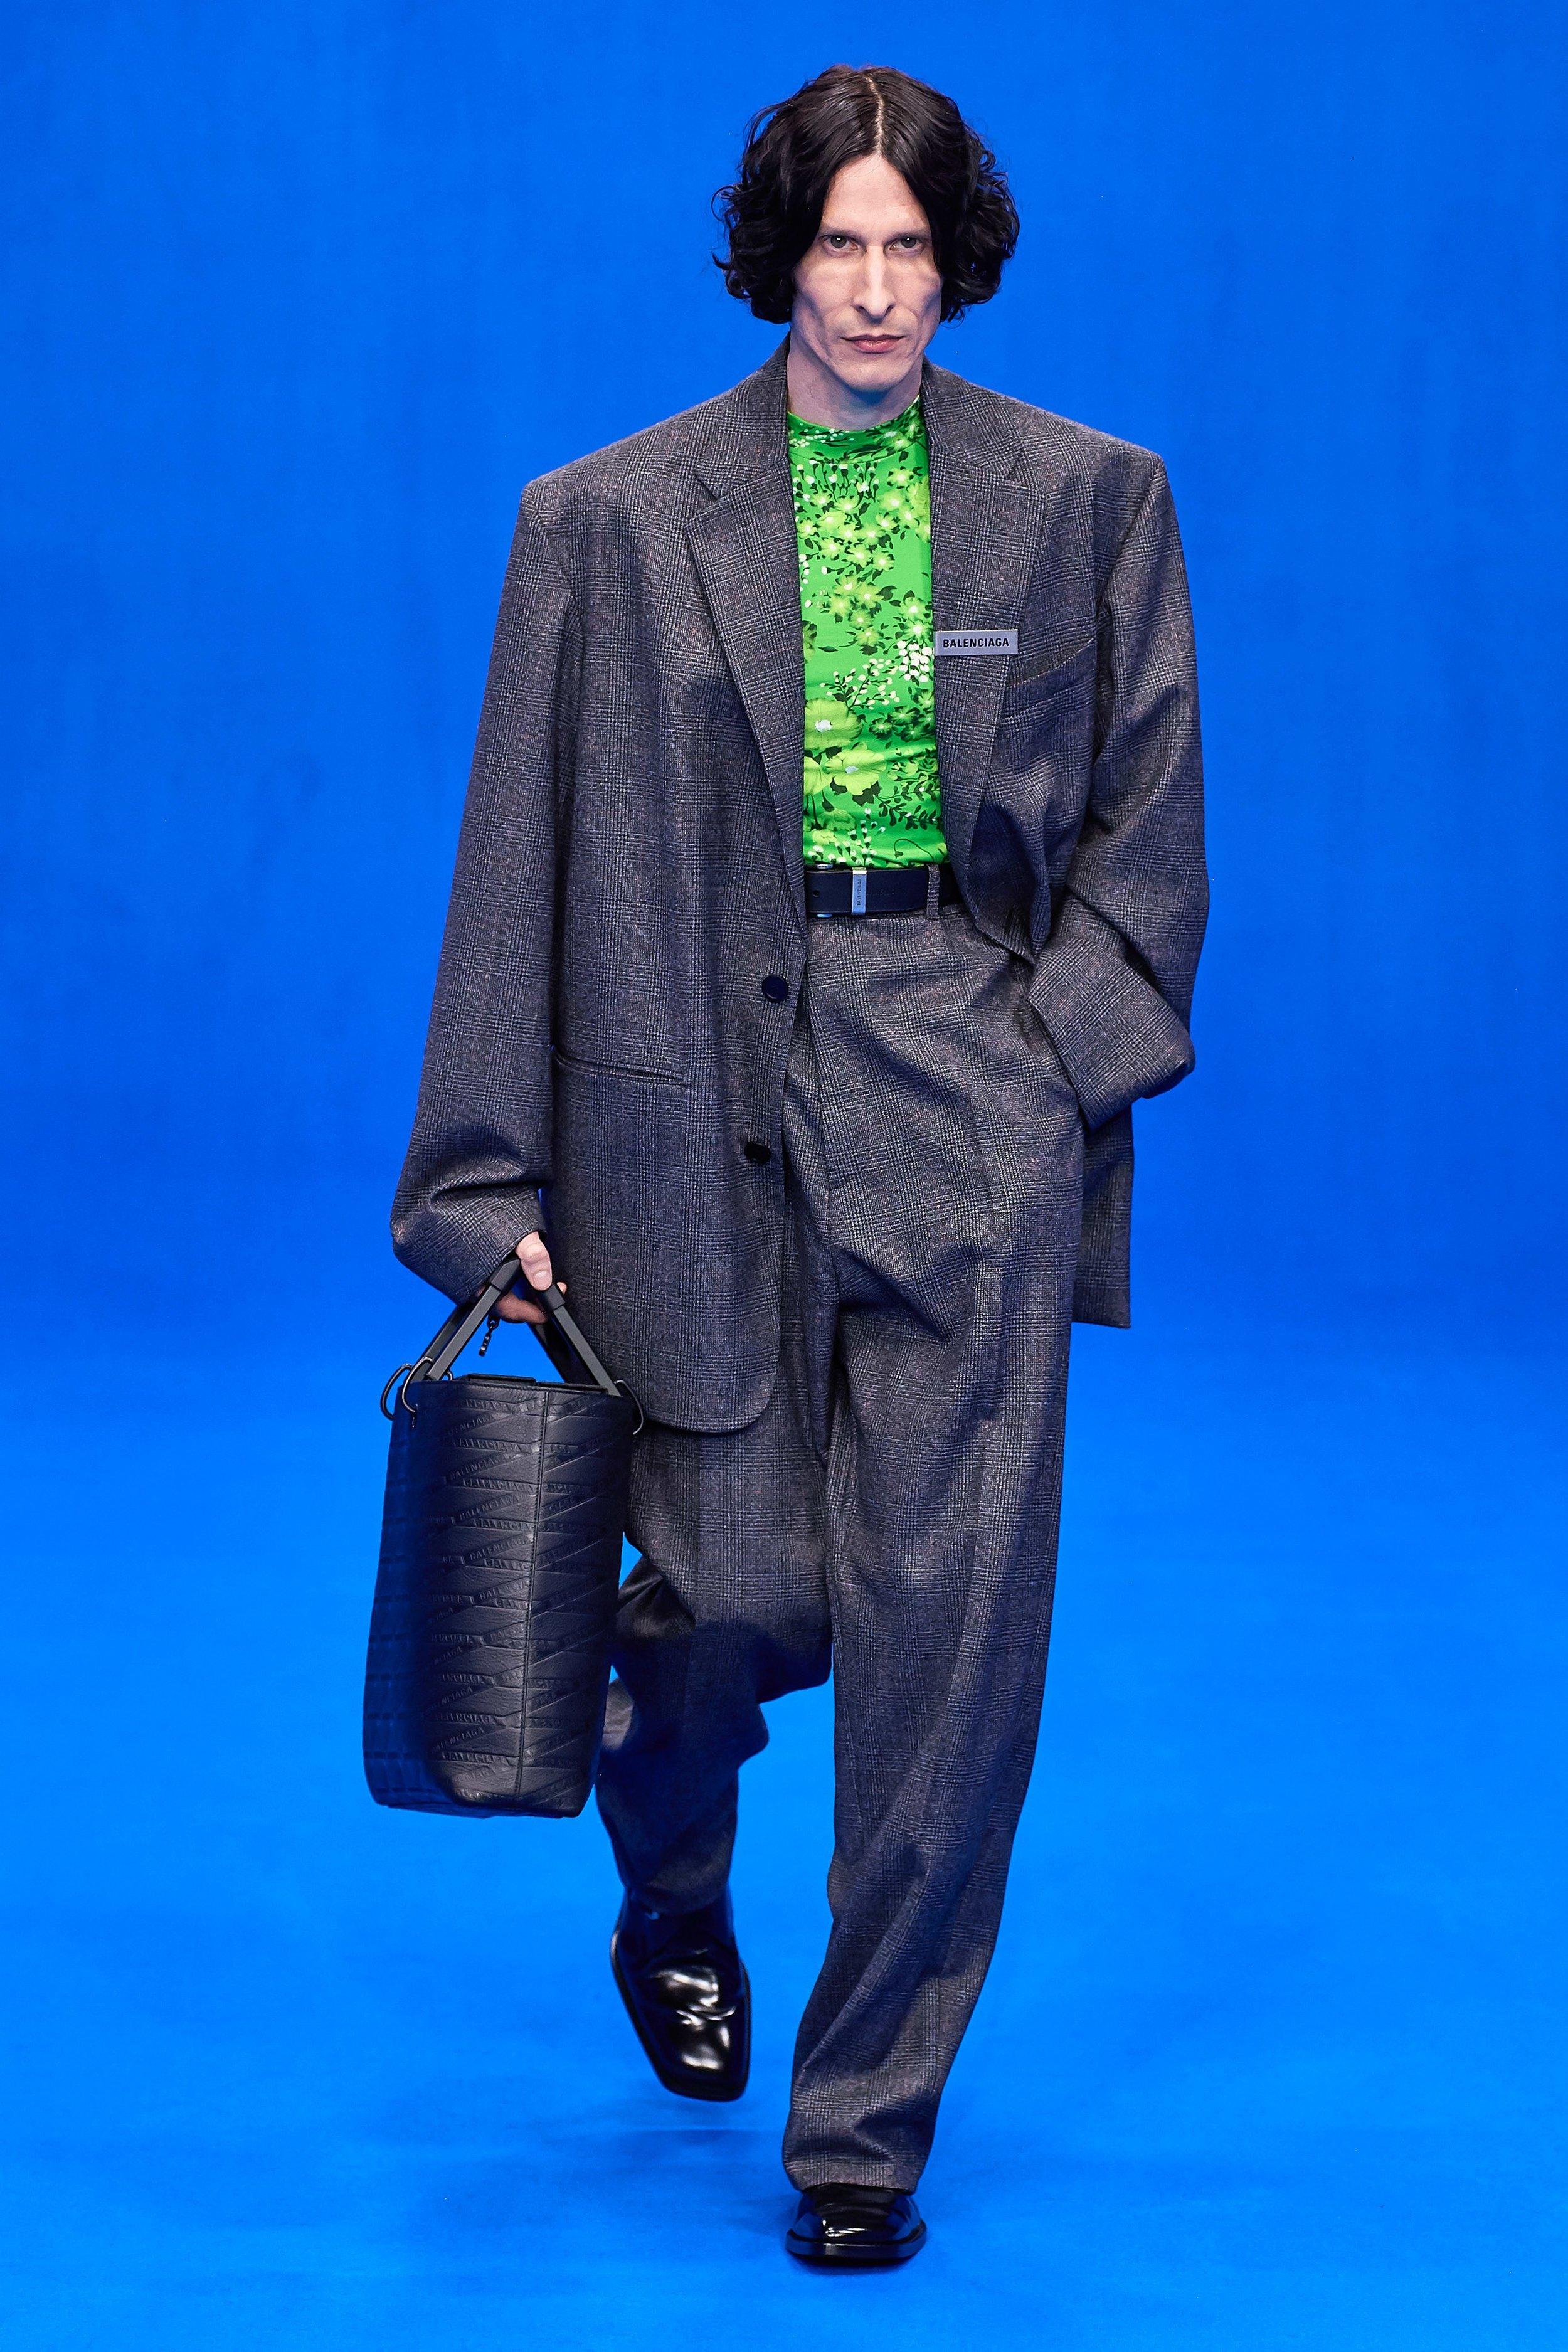 Oversize demais - Um ternão - a calça precisa ficar cintura alta para não arrastar!